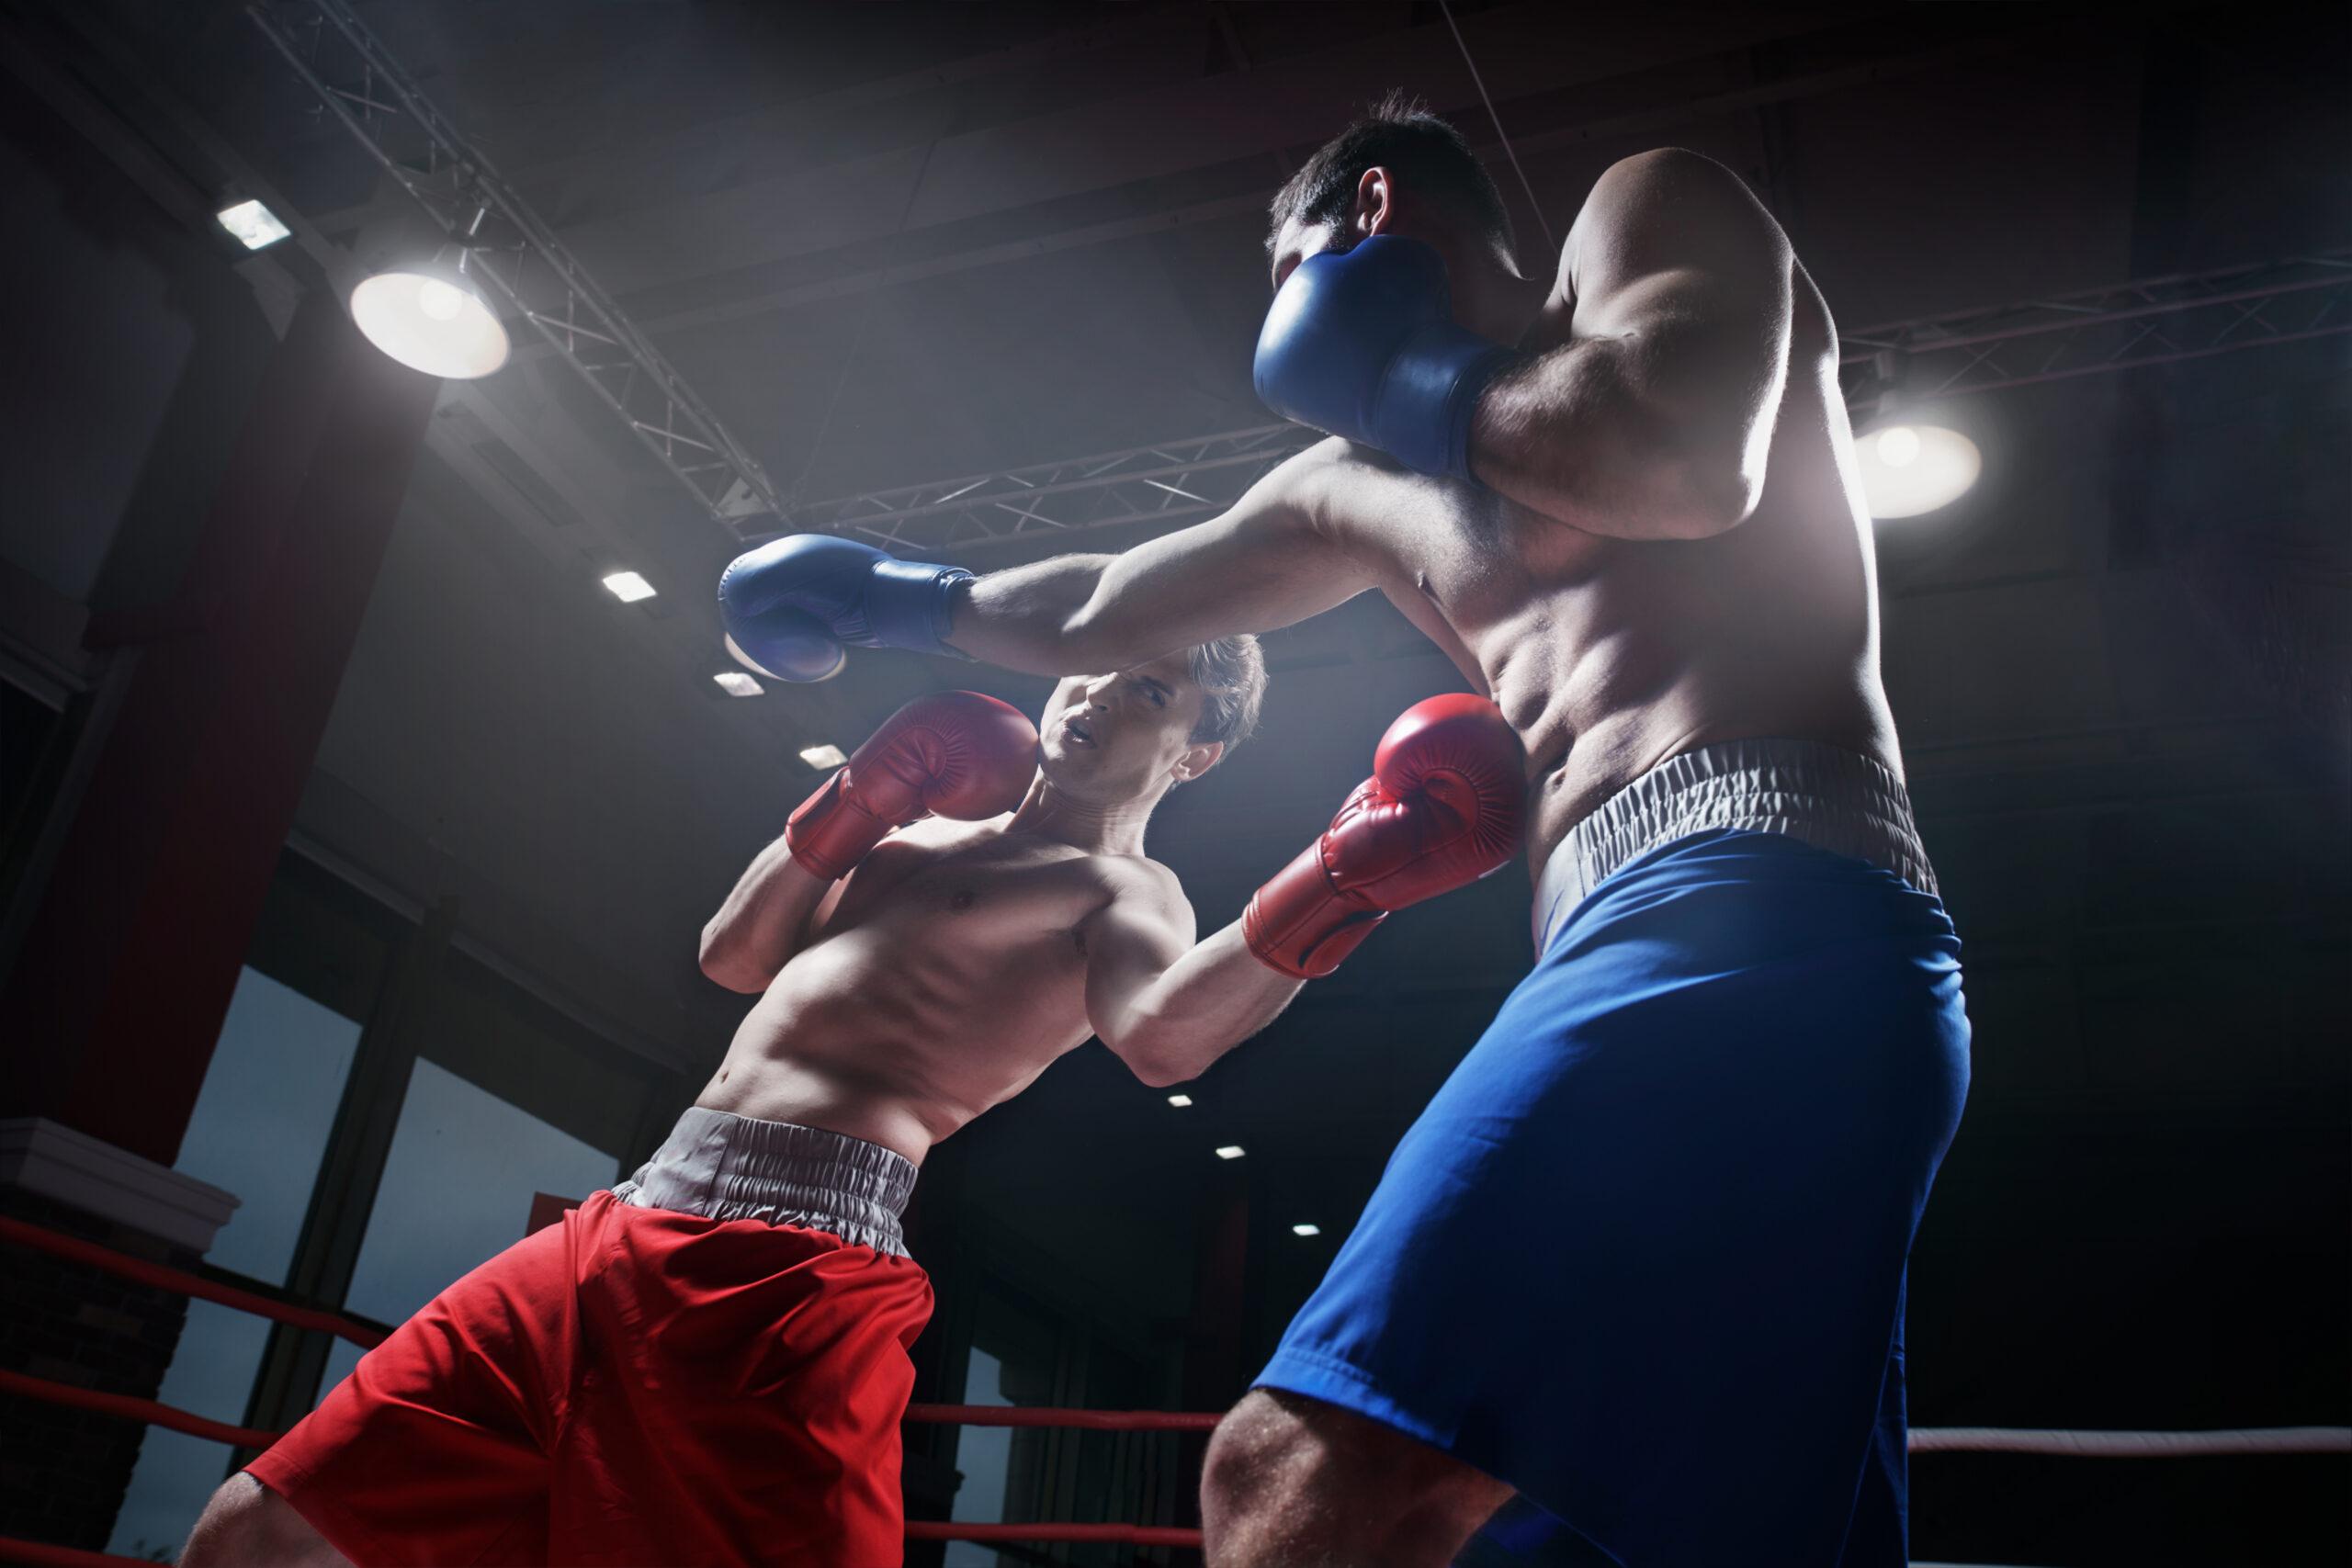 El boxeo como alternativa para cuidar la mente y ponerse en forma